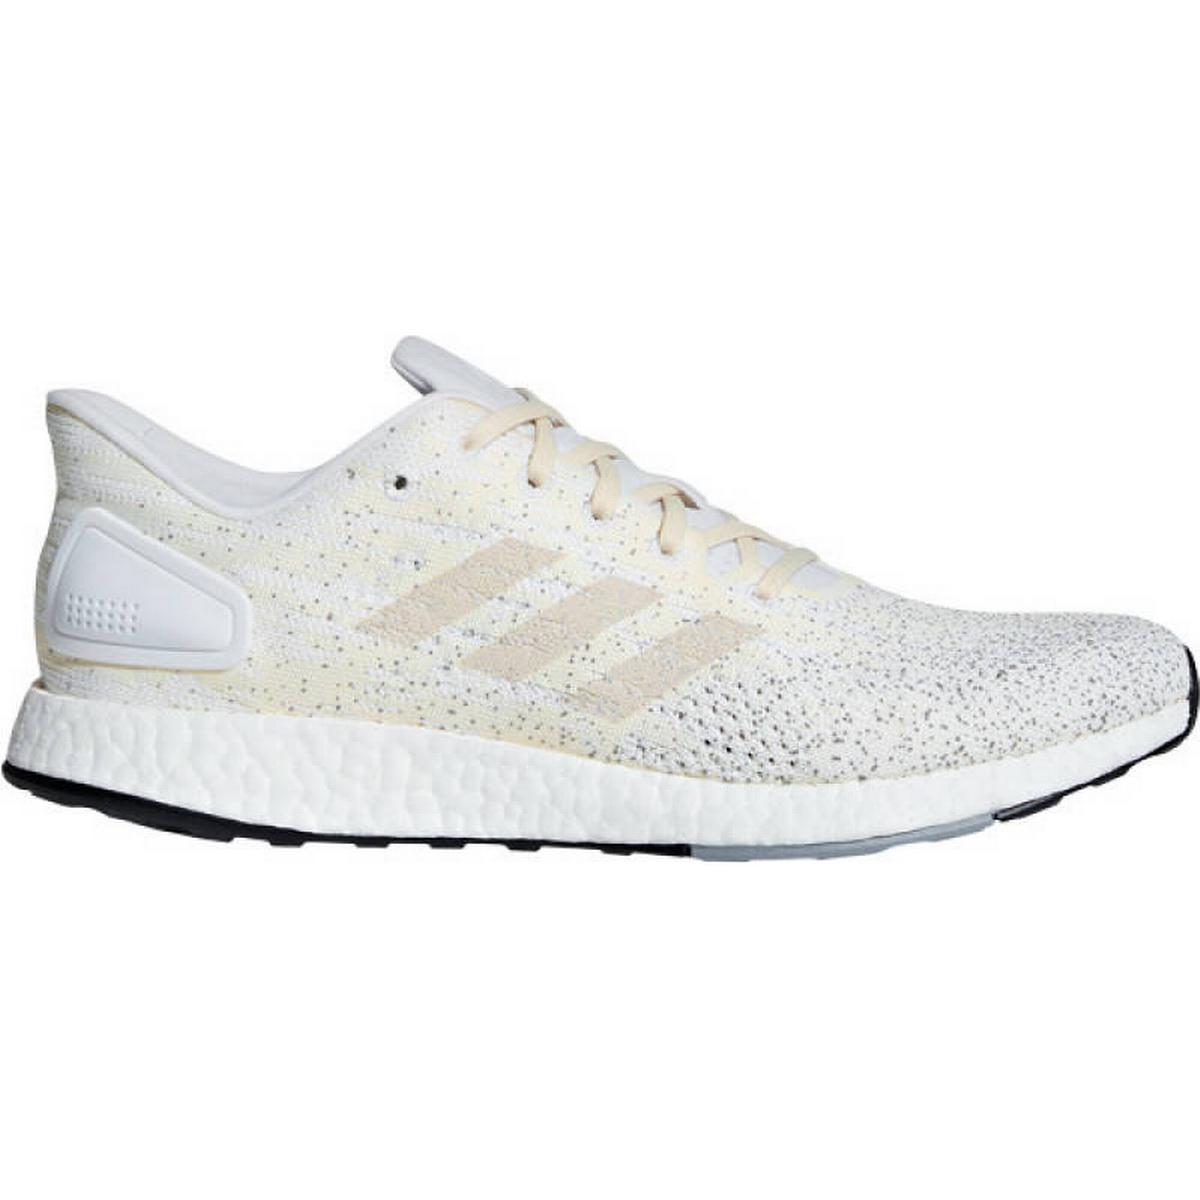 Adidas pure boost • Hitta det lägsta priset hos PriceRunner nu »